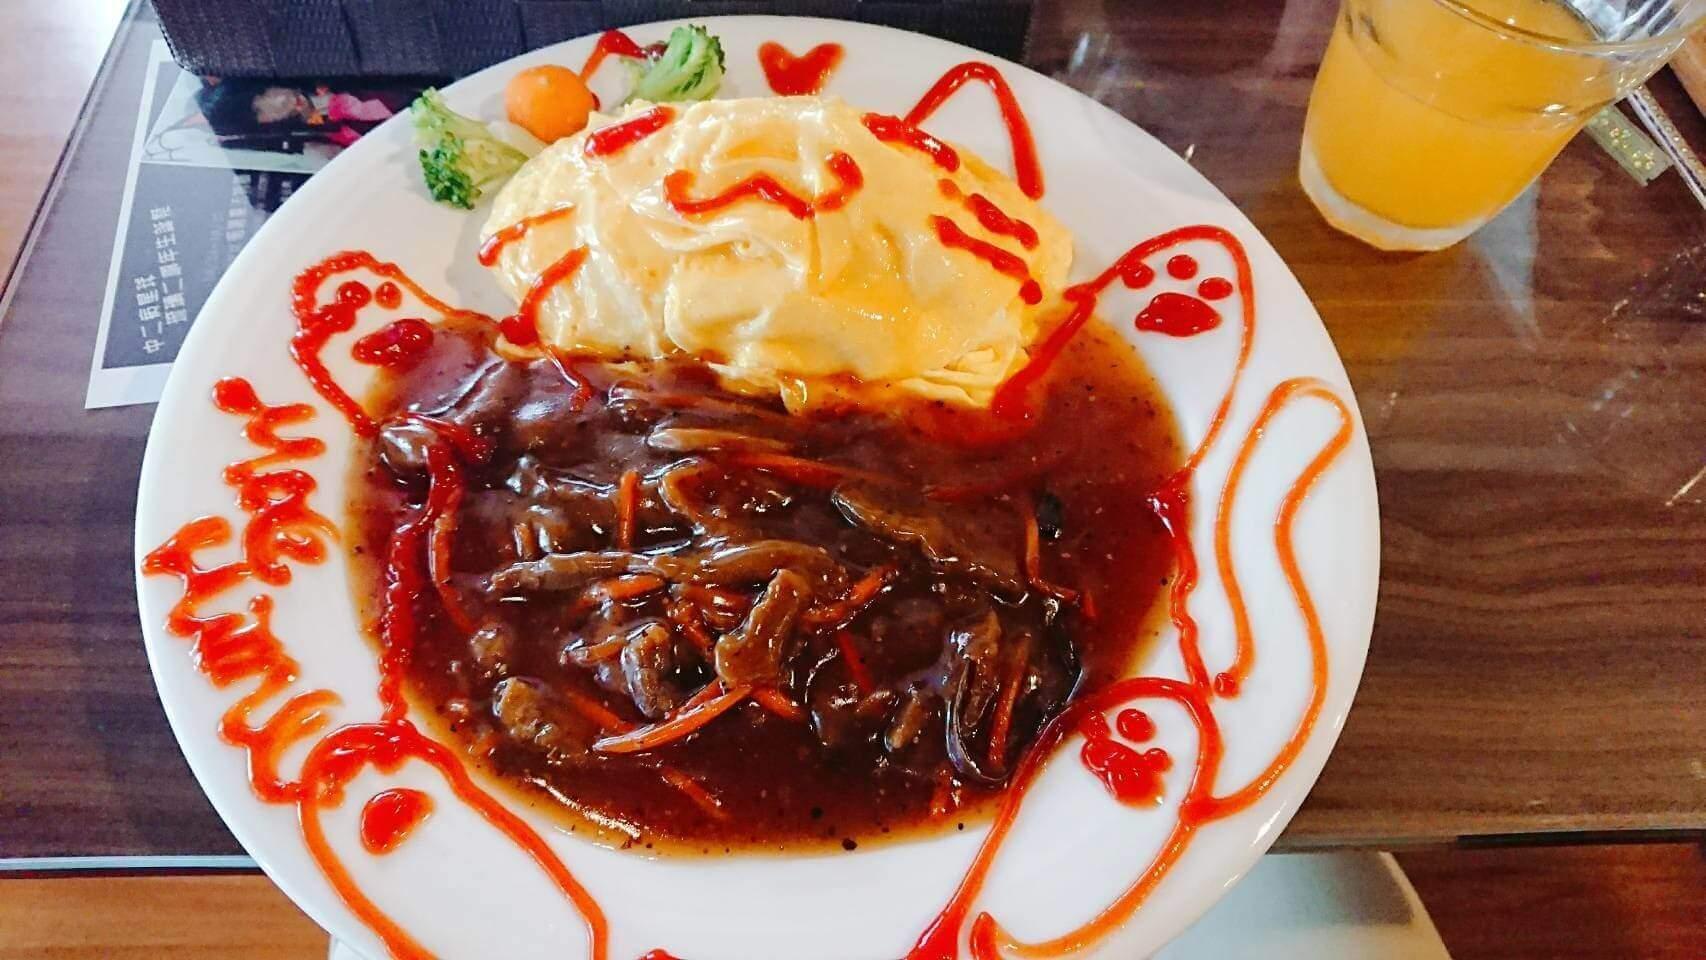 【台北萬華】萌姬女僕咖啡廳|萌萌女僕與超可愛圖畫蛋包飯